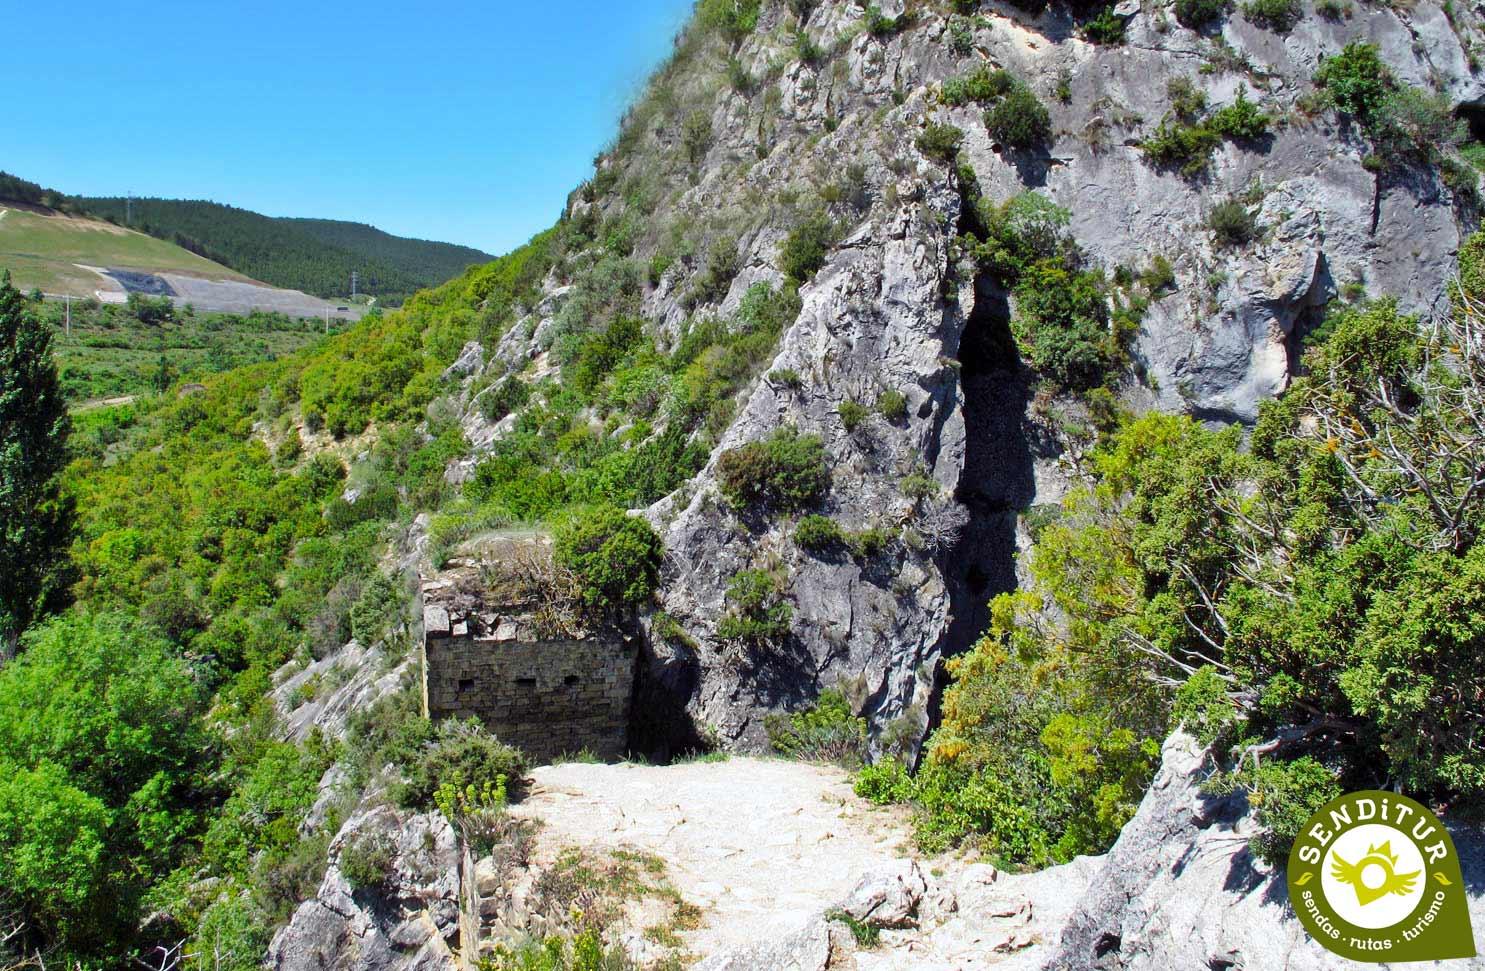 ¿Qué es la Selva de Irati?